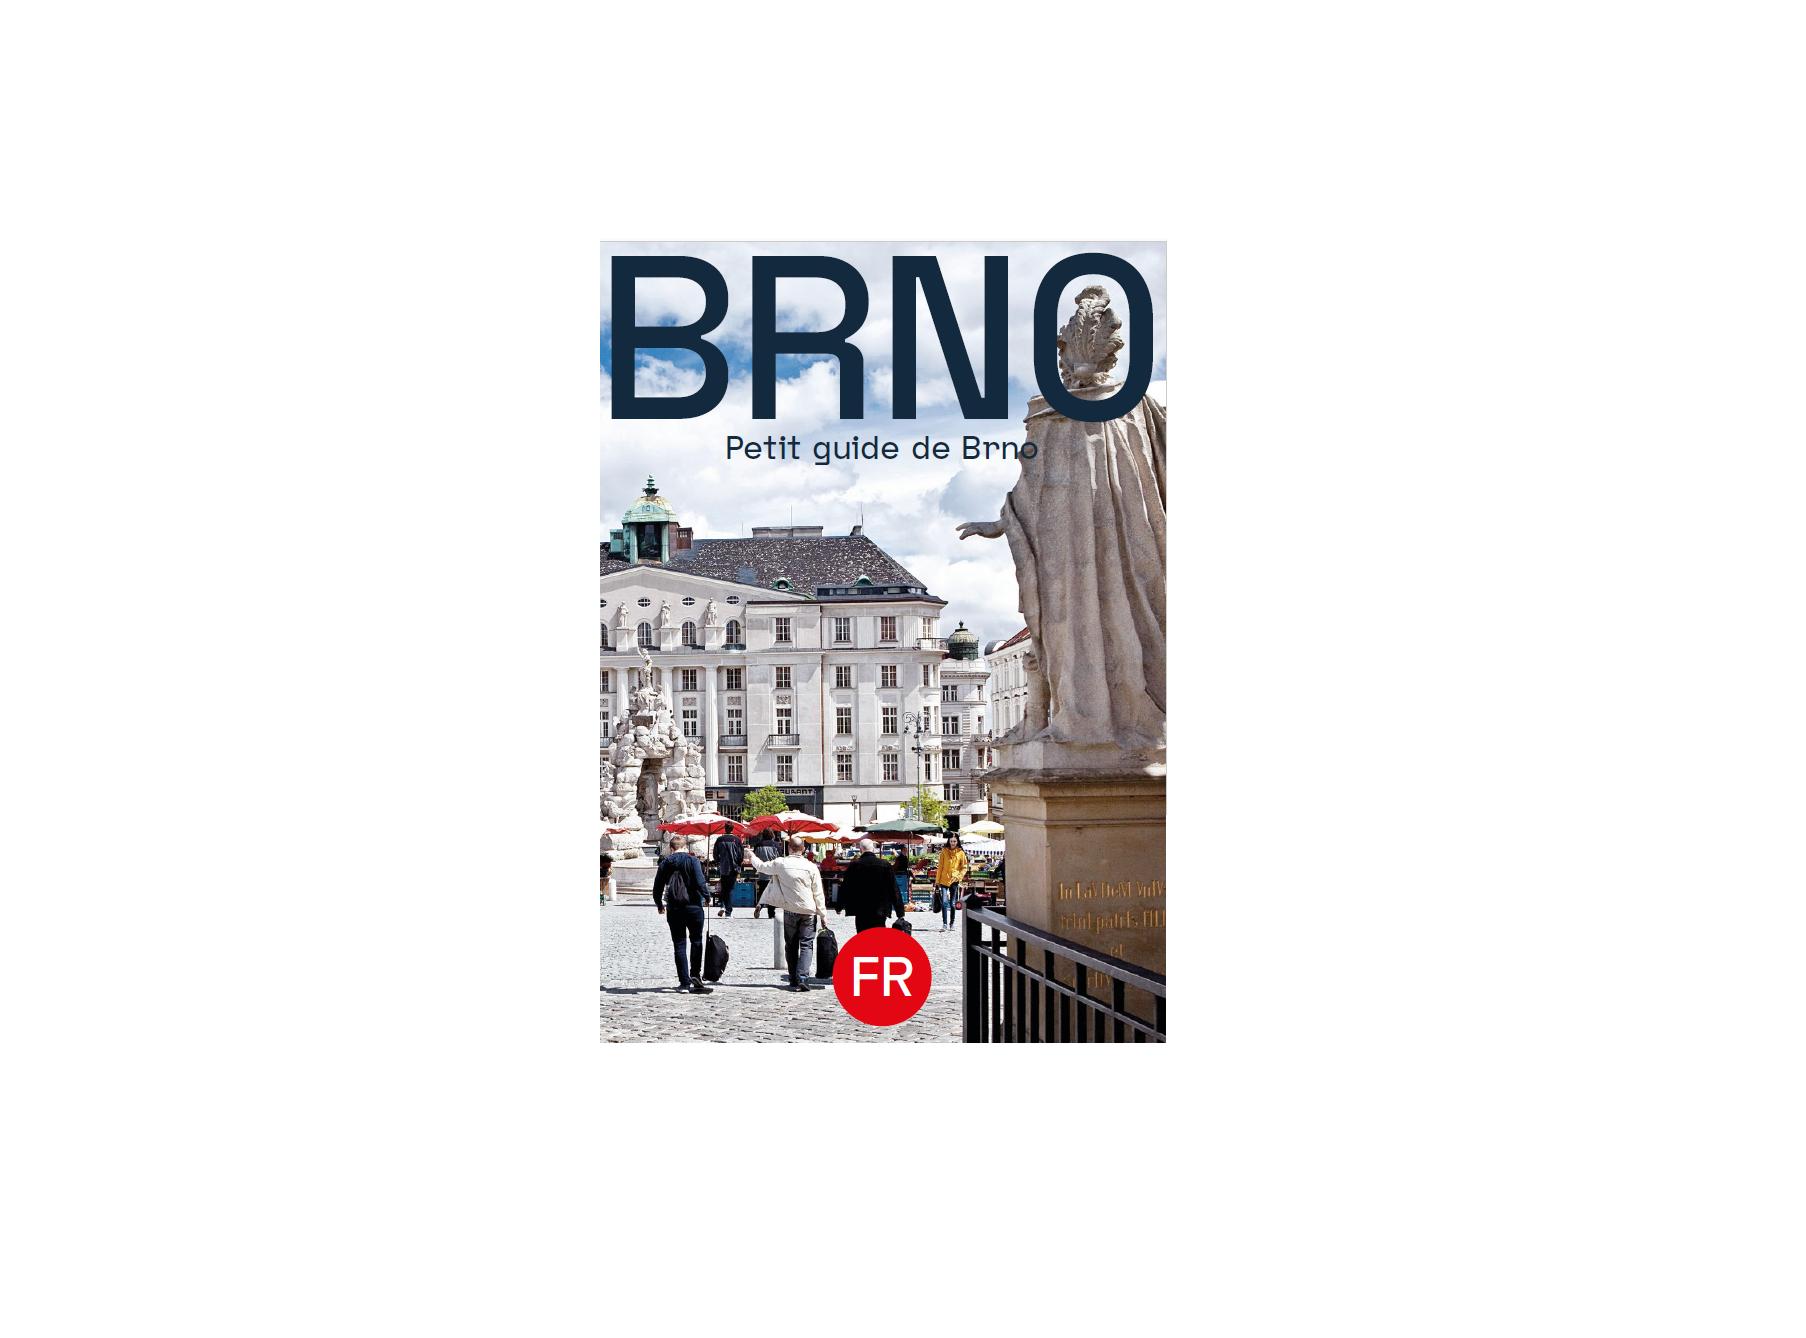 Petit guide de Brno